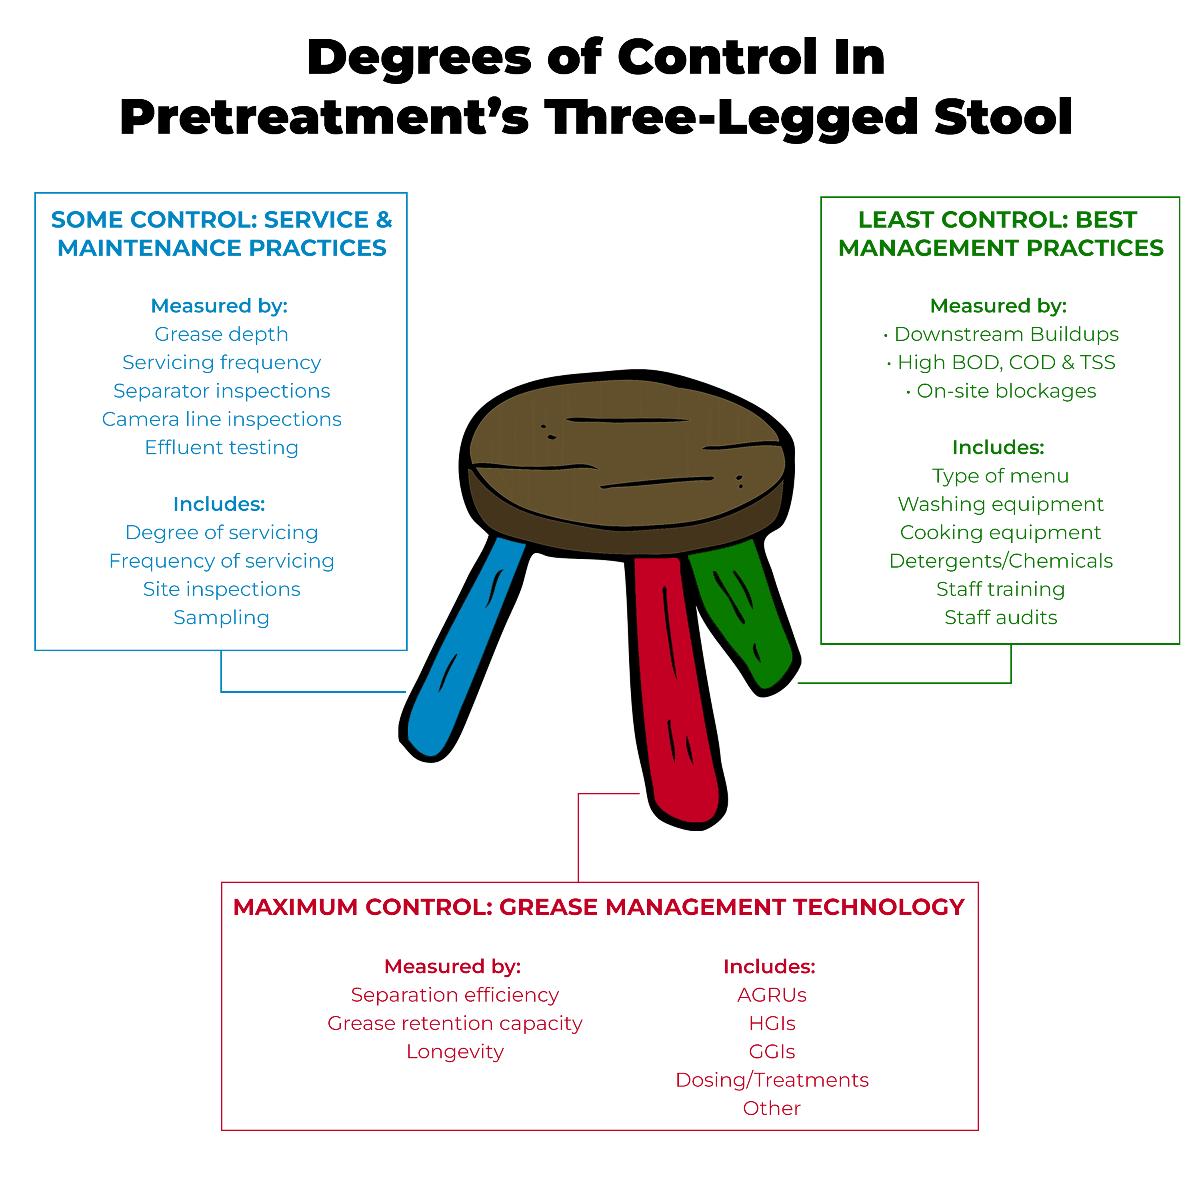 3-Legged Stool of Total FOG Management